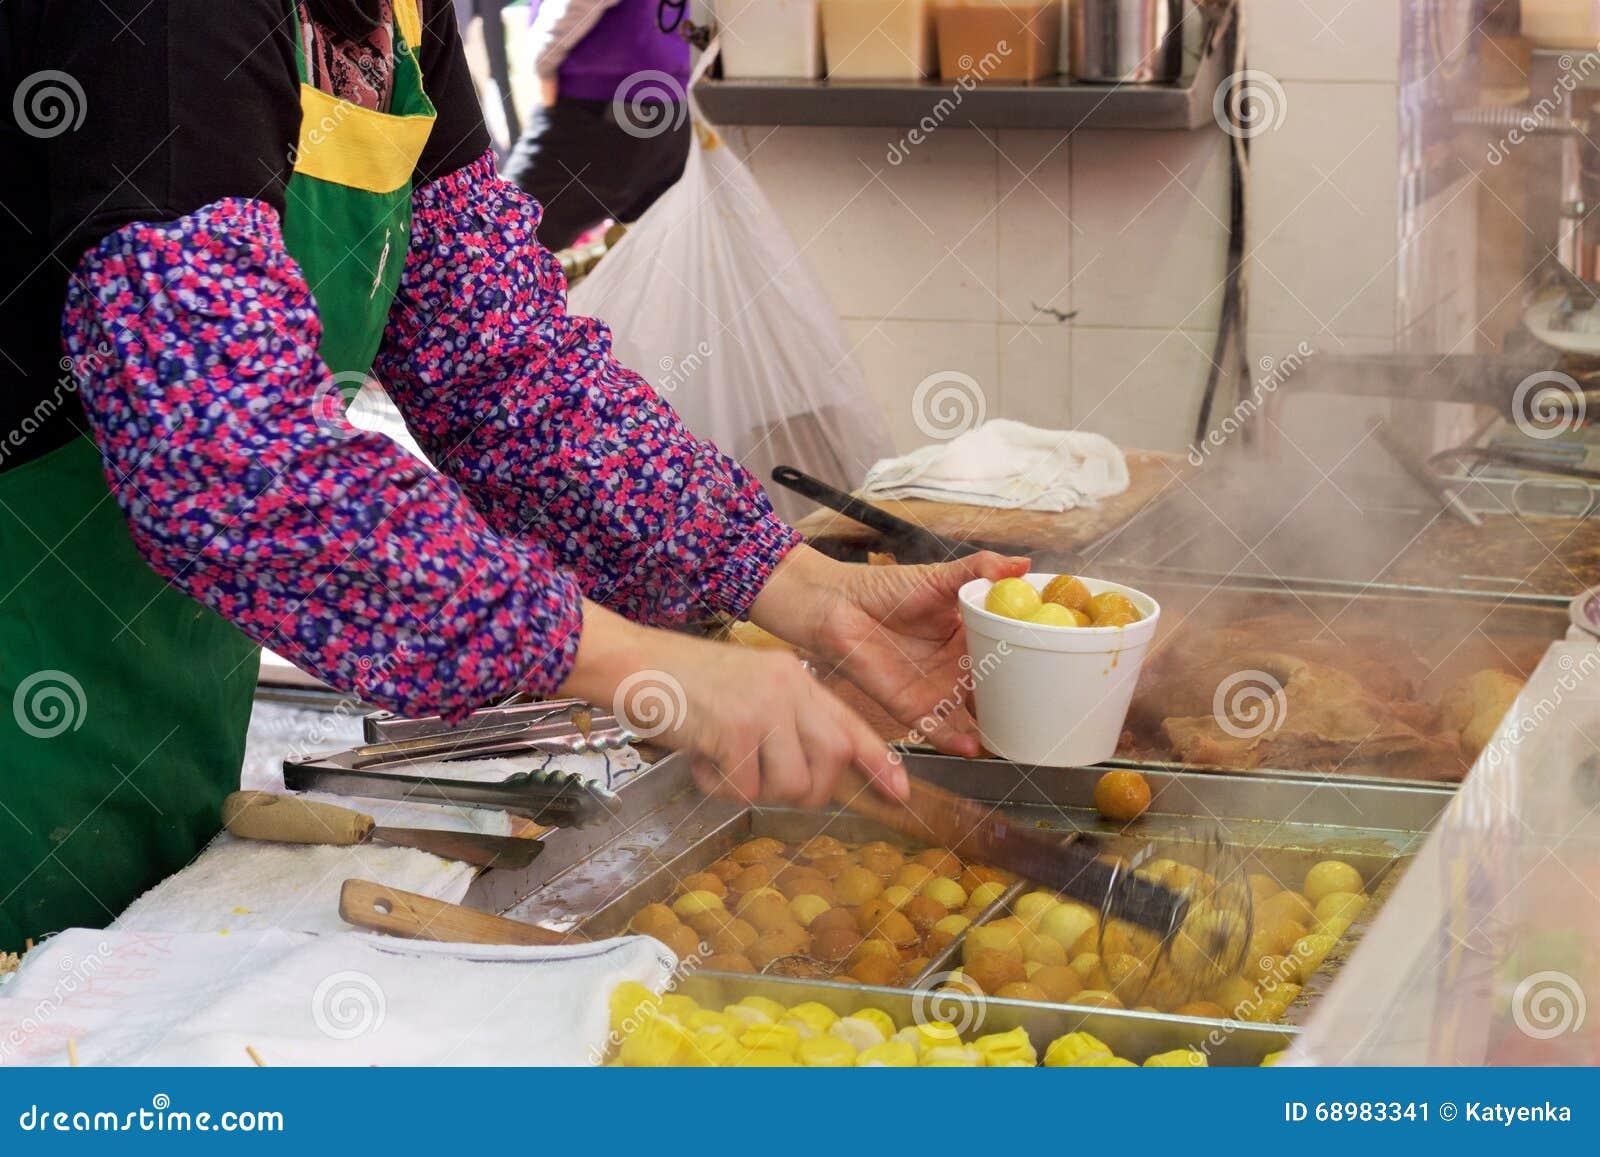 Kowloon, porción del vendedor de comida de la calle de Hong Kong frió las bolas de pescados